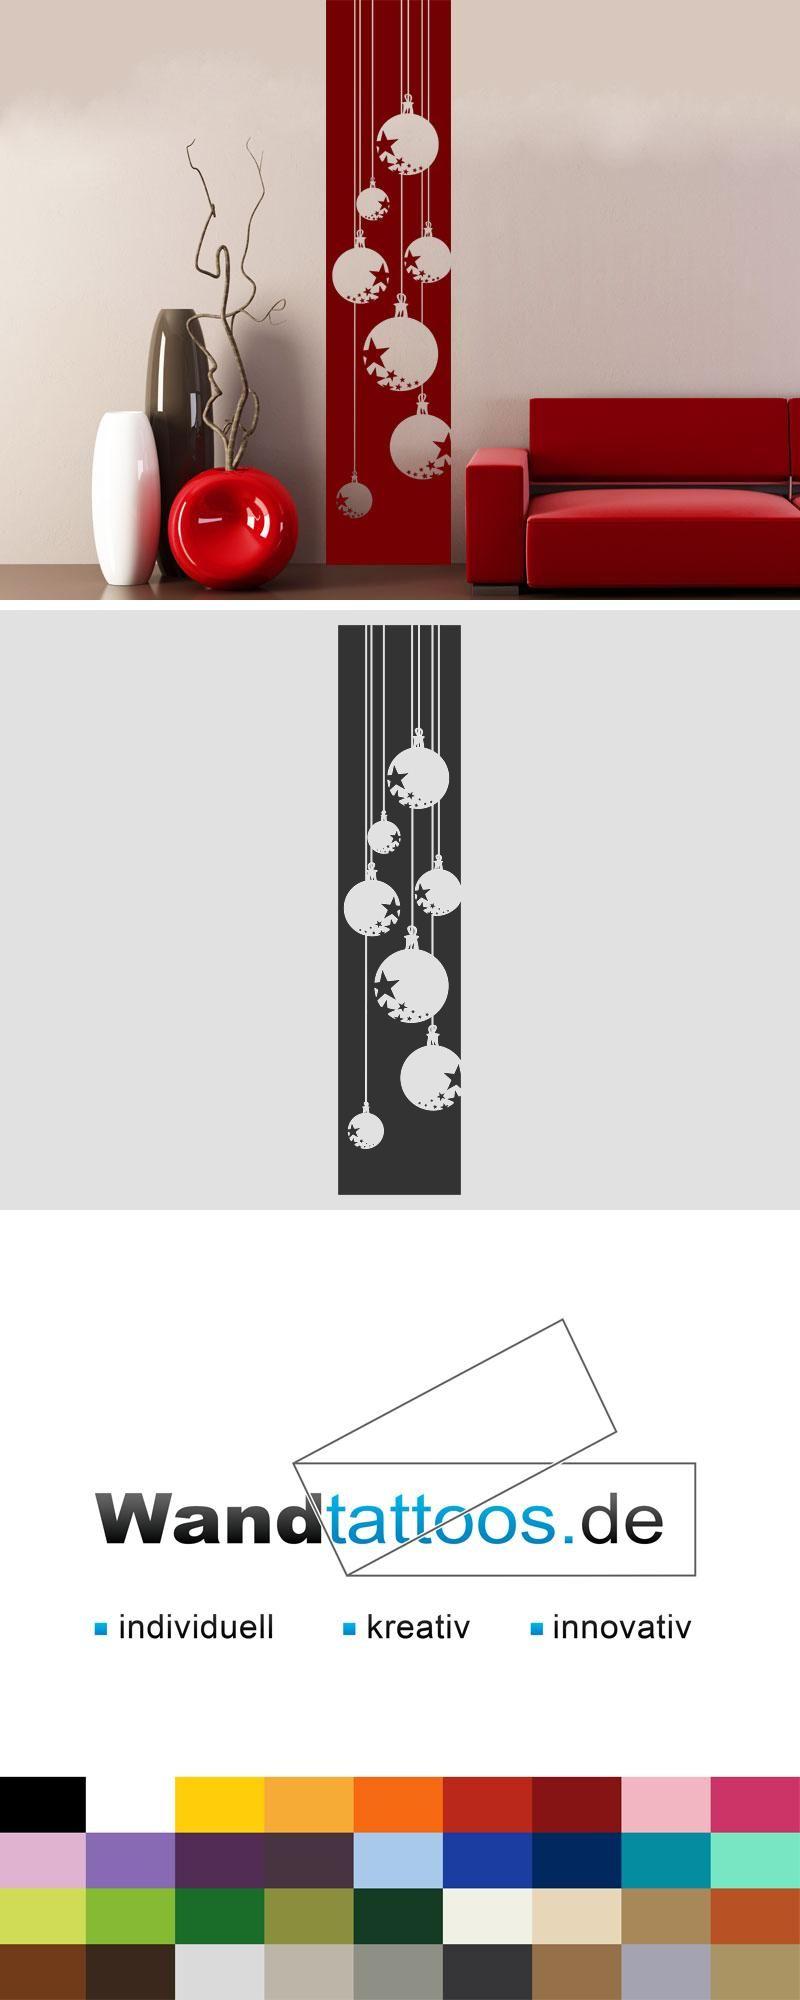 Wandbanner Weihnachtskugeln Als Idee Zur Individuellen Wandgestaltung.  Einfach Lieblingsfarbe Und Größe Auswählen. Weitere Kreative